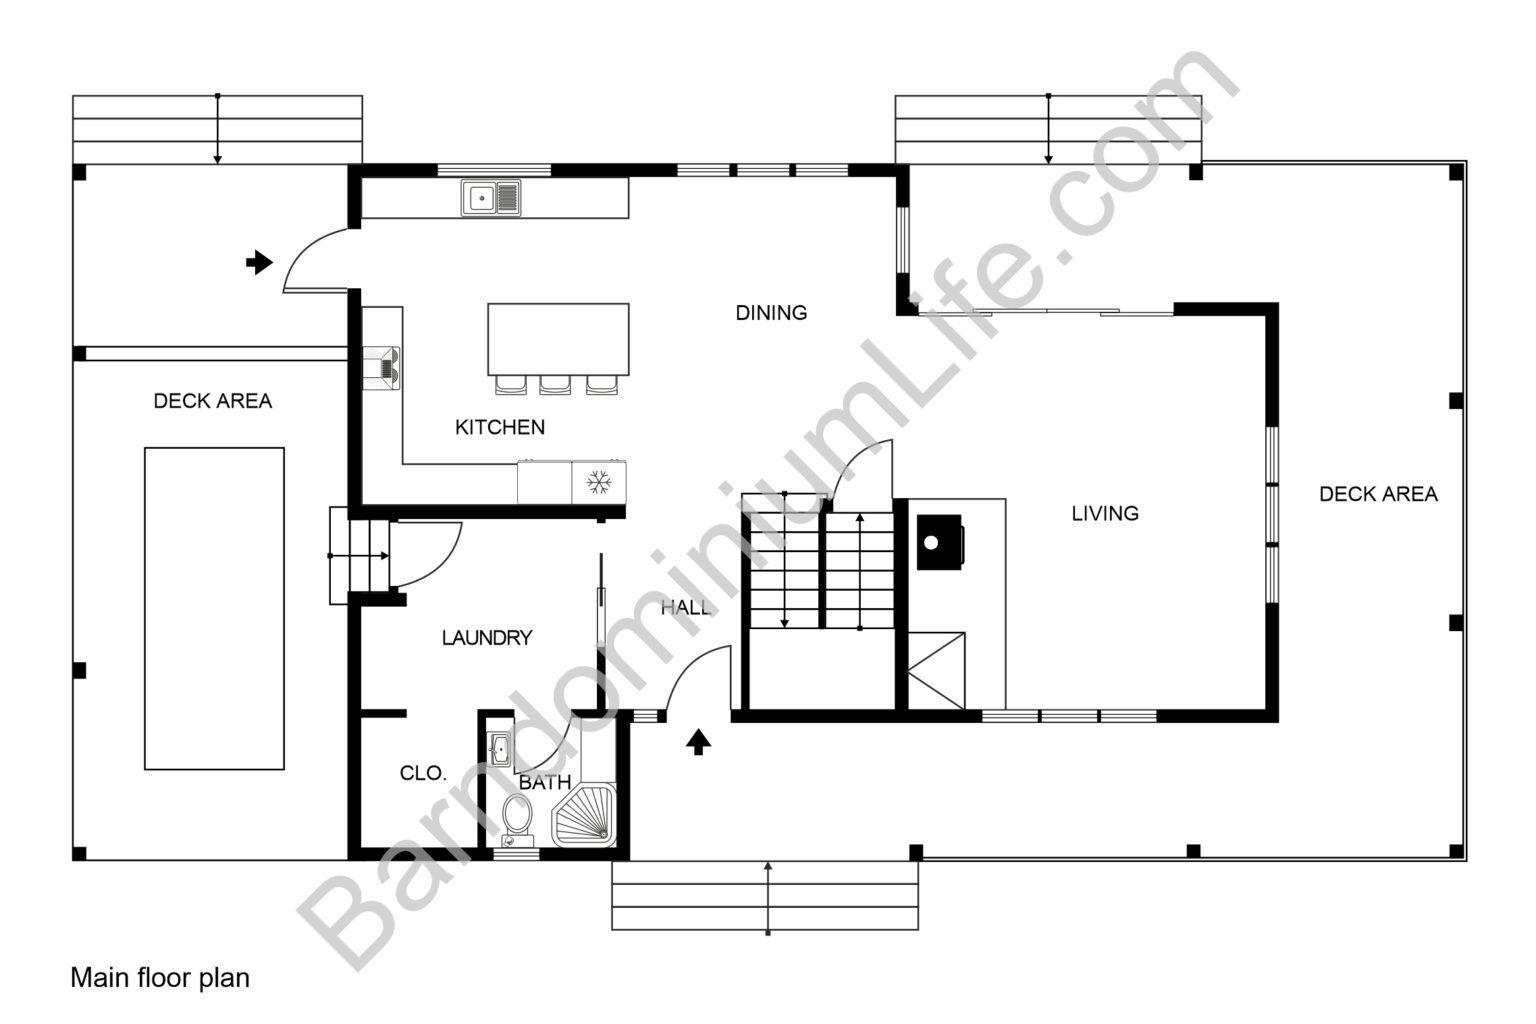 5 Great Two Story Barndominium Floor Plans in 2020 Floor